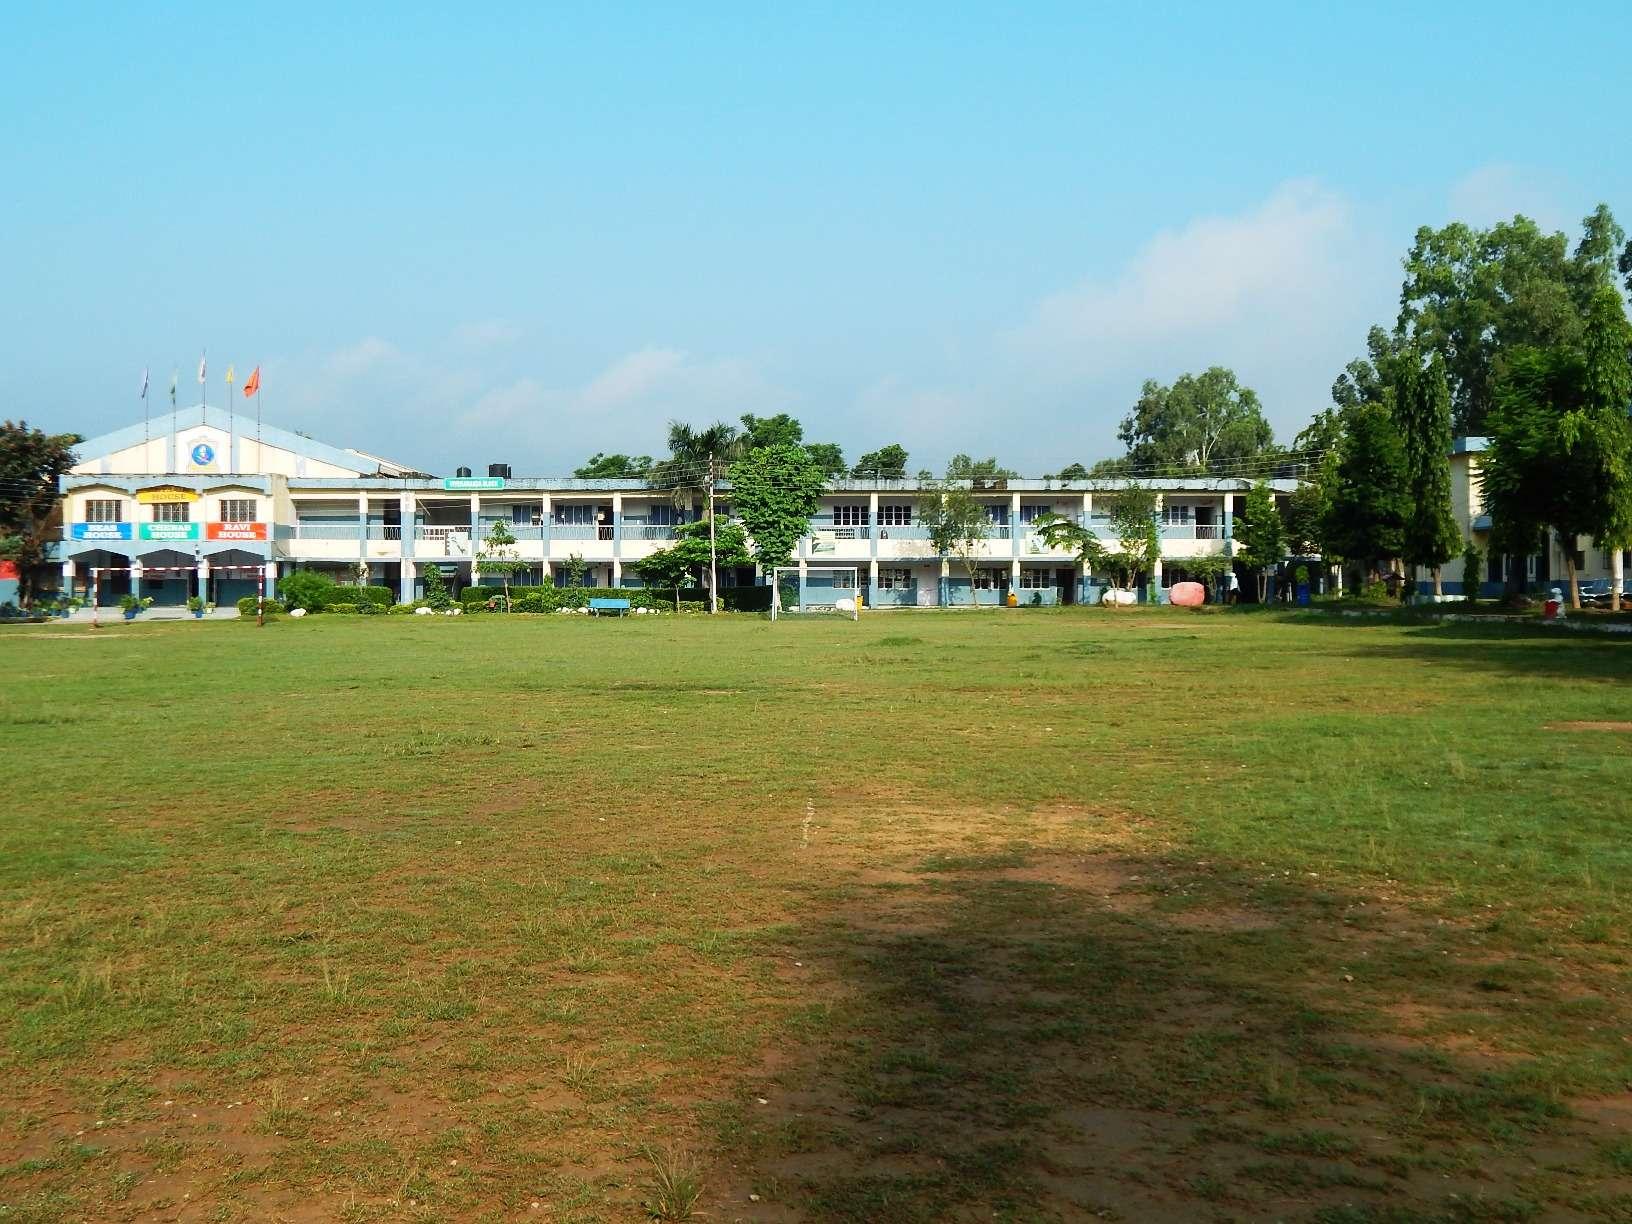 ARMY PUBLIC SCHOOL P O P T C UDHAMPUR JAMMU amp KASHMIR 730003